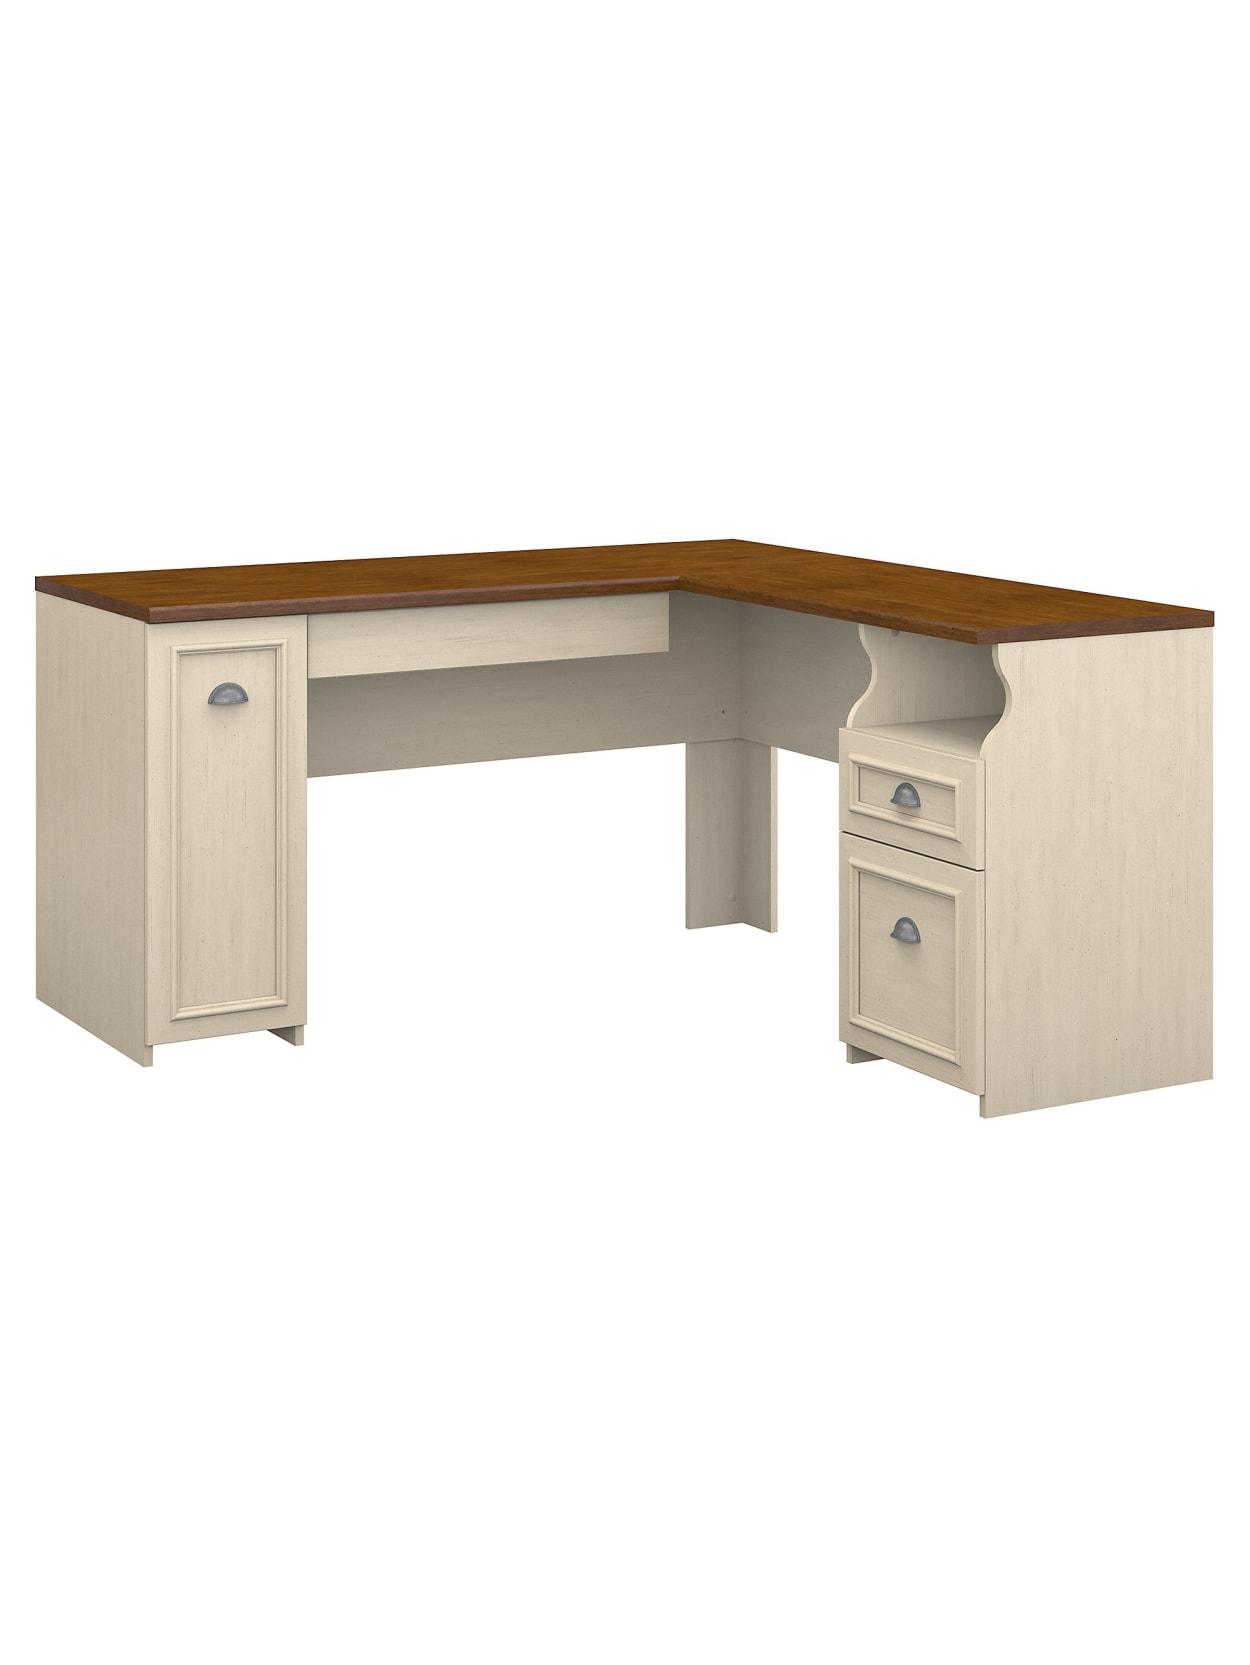 Bush Furniture Fairview L Shaped Desk Antique WhiteTea Maple